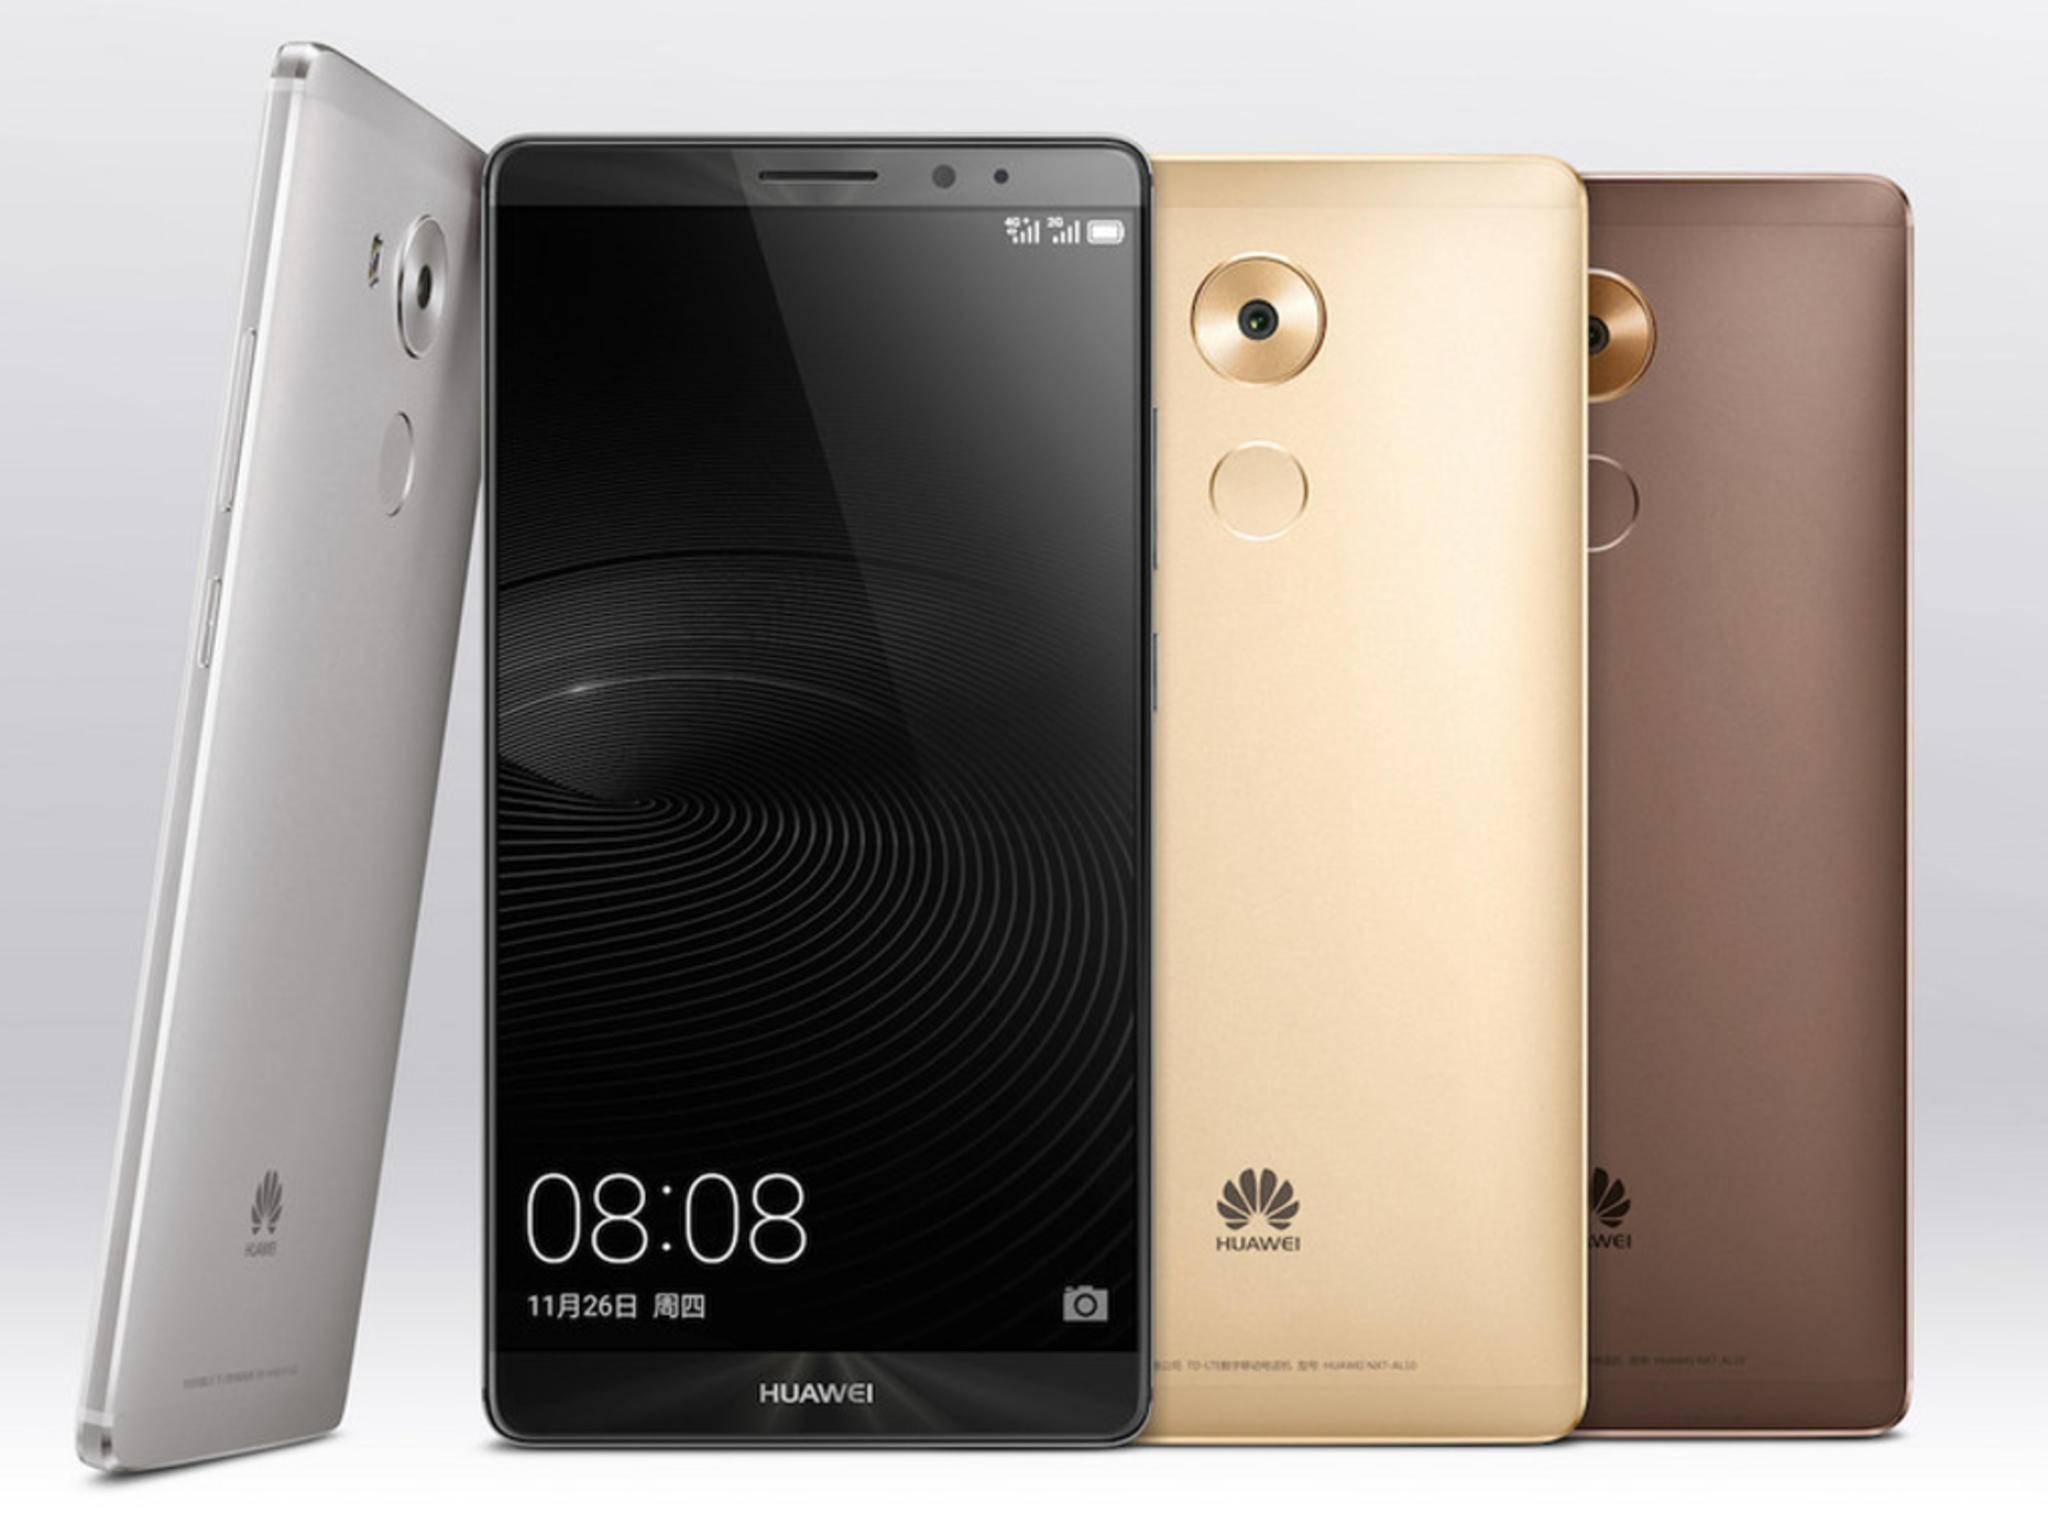 Das Huawei Mate 8 kommt mit Riesen-Display und Riesen-Akku.